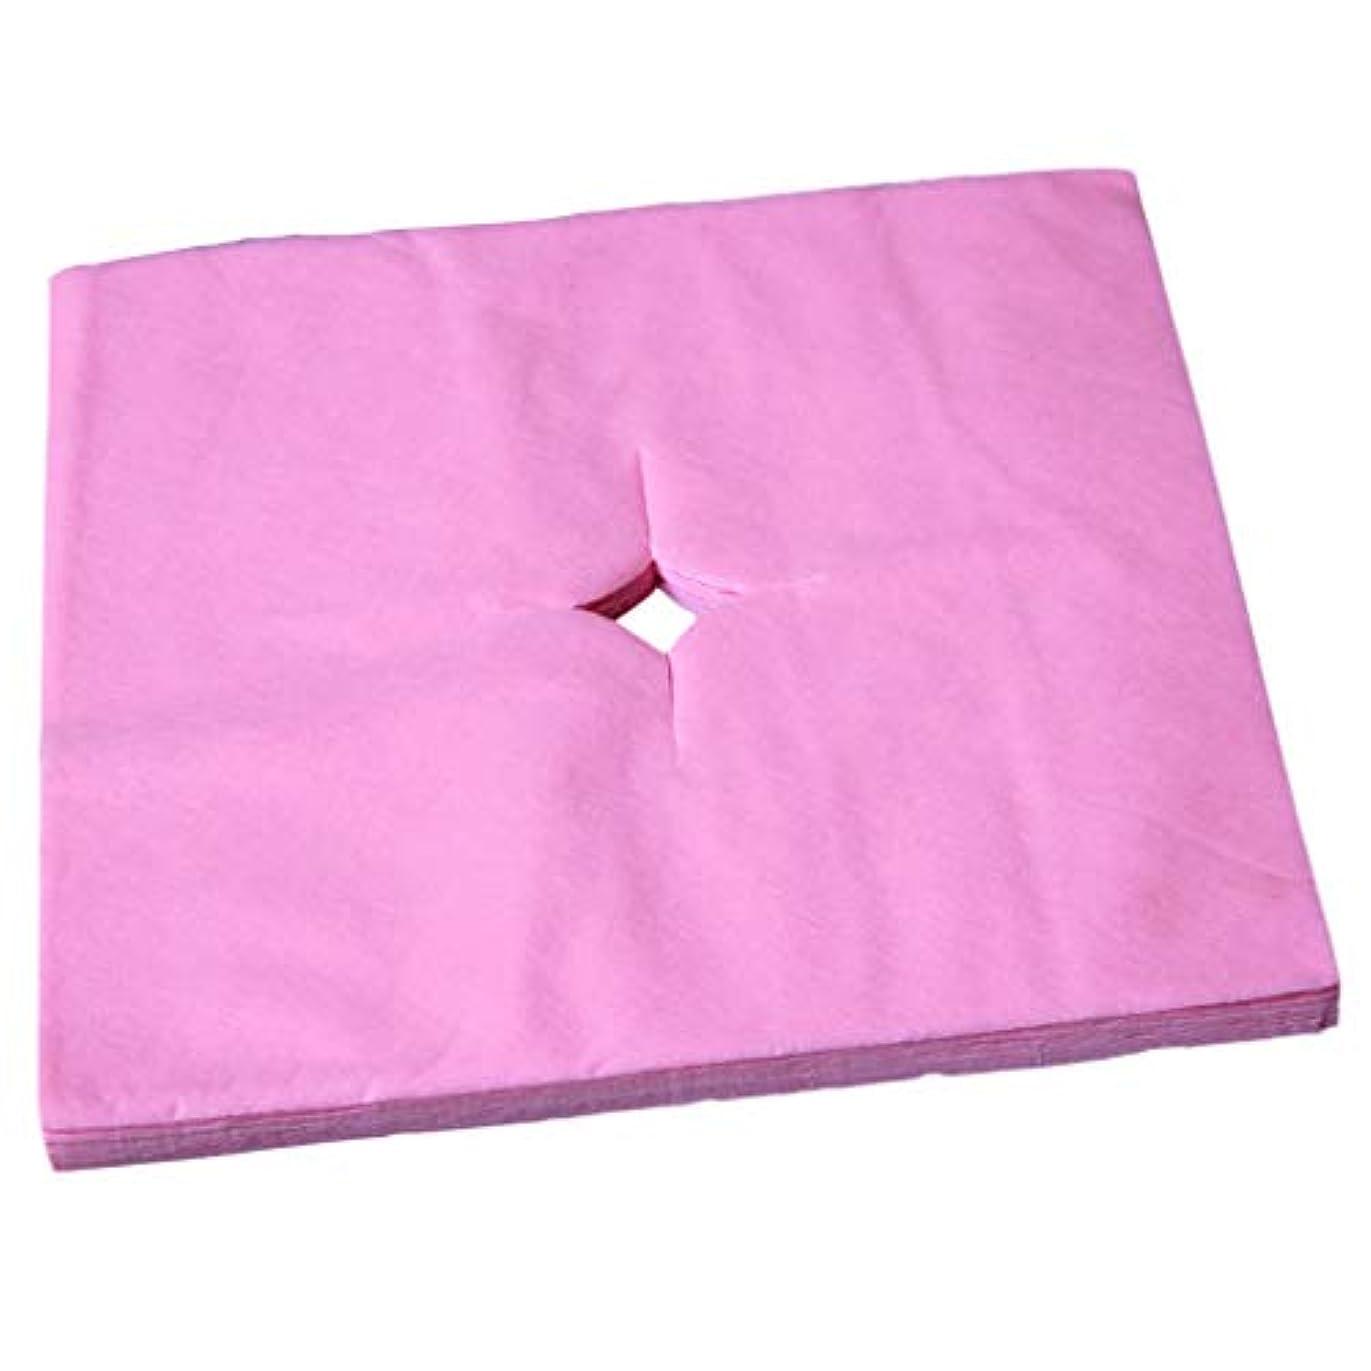 感謝祭何十人も幸運dailymall 100ピース/個スパサロン使い捨てマッサージフェイスレストクッションカバークレードルシートクロスカットホール - ピンク